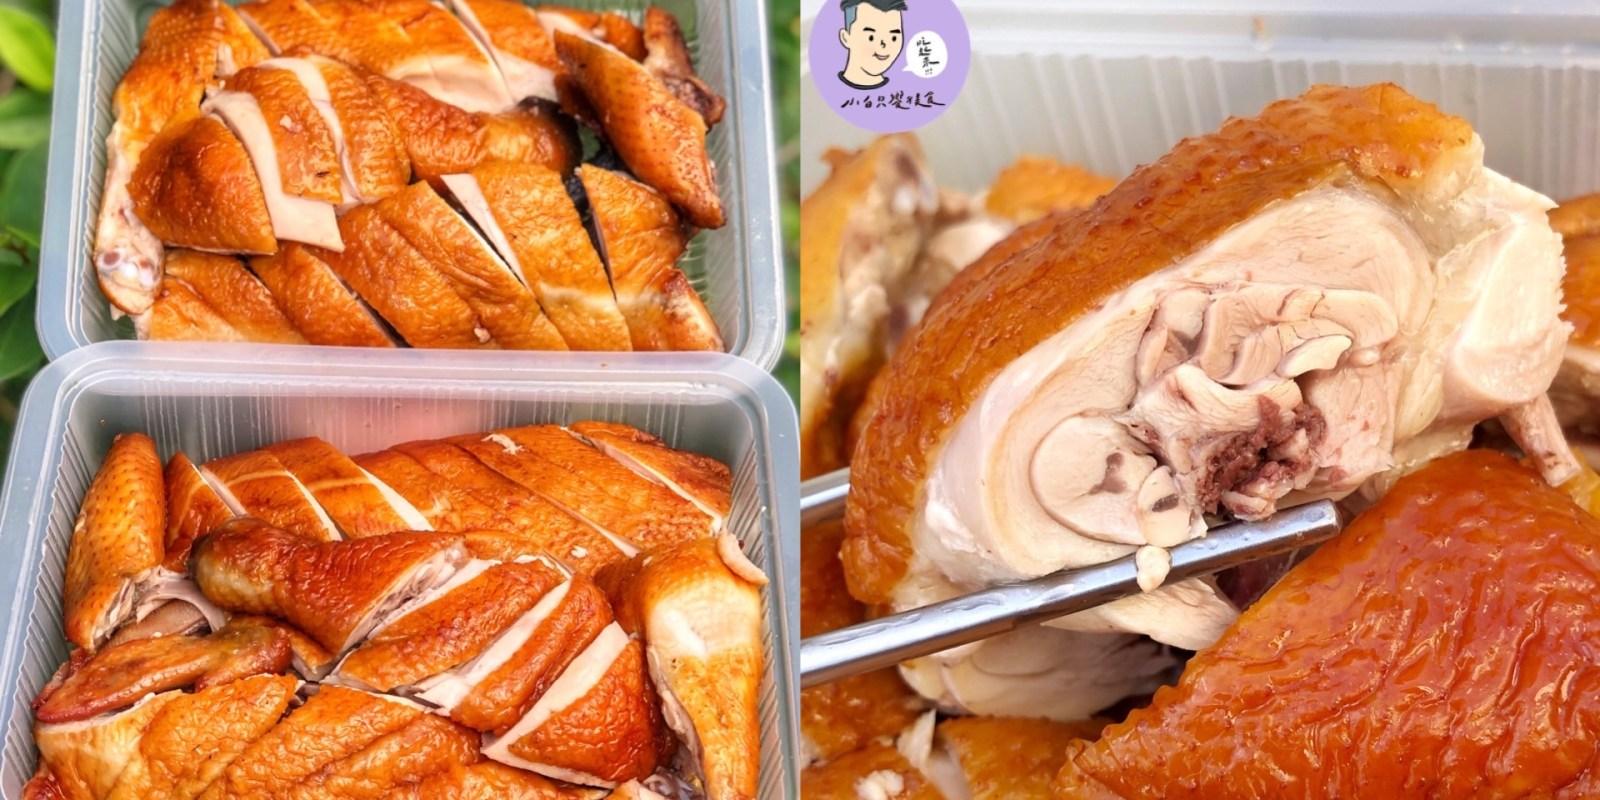 【台南美食】王記好吃雞肉 台南最狂排隊雞肉店!便當2小時限量秒殺 天天都在排隊生意好到爆